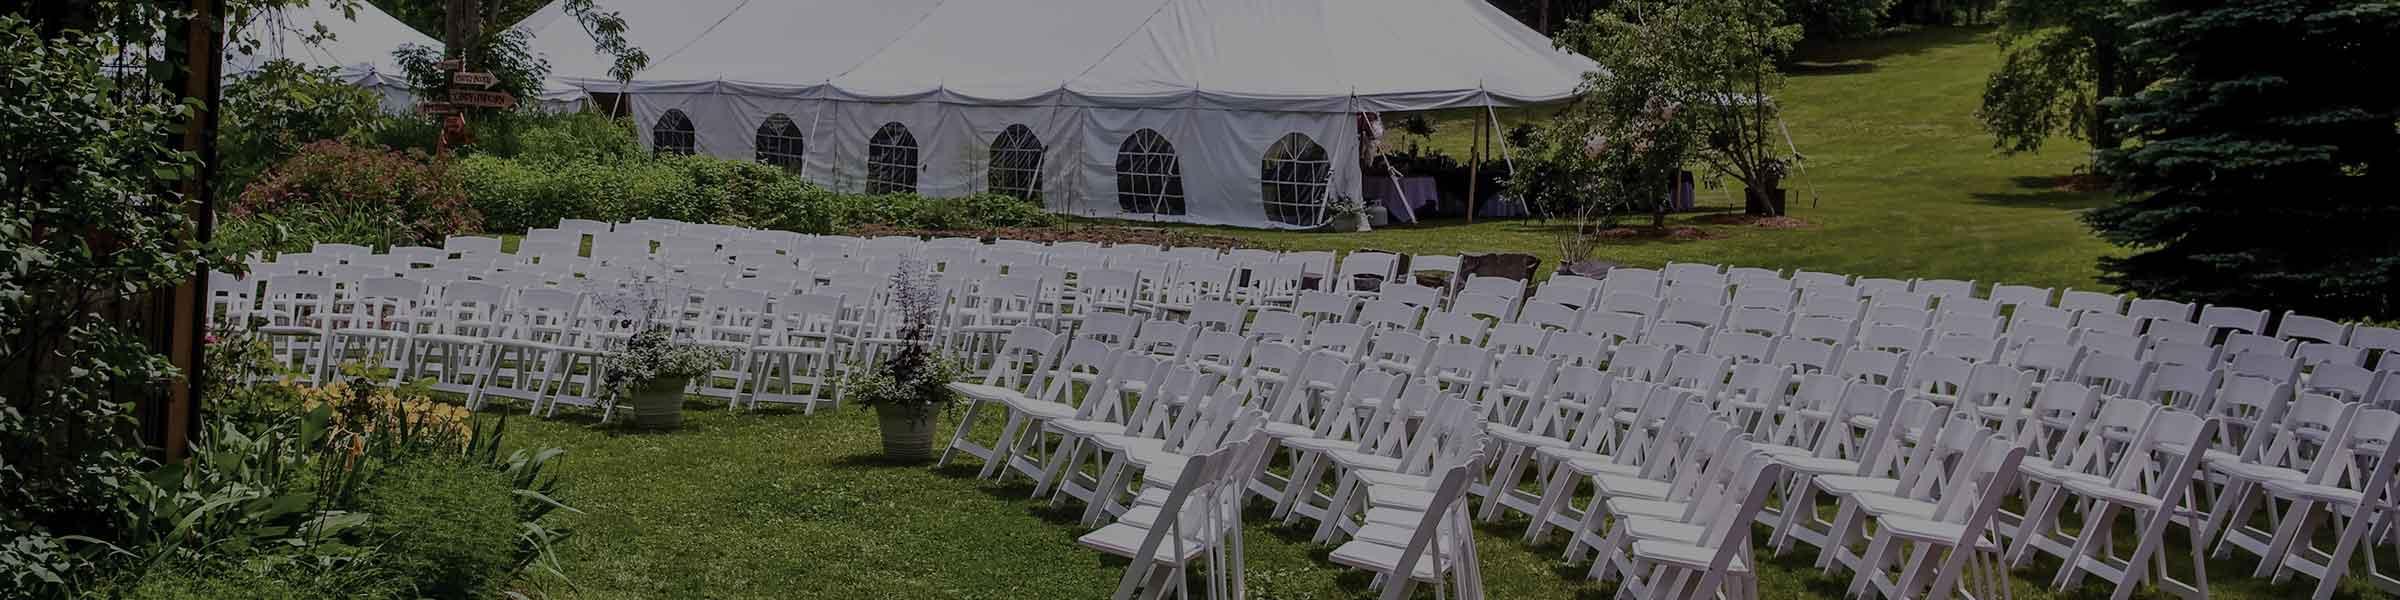 Industries_Served_sl_wedding